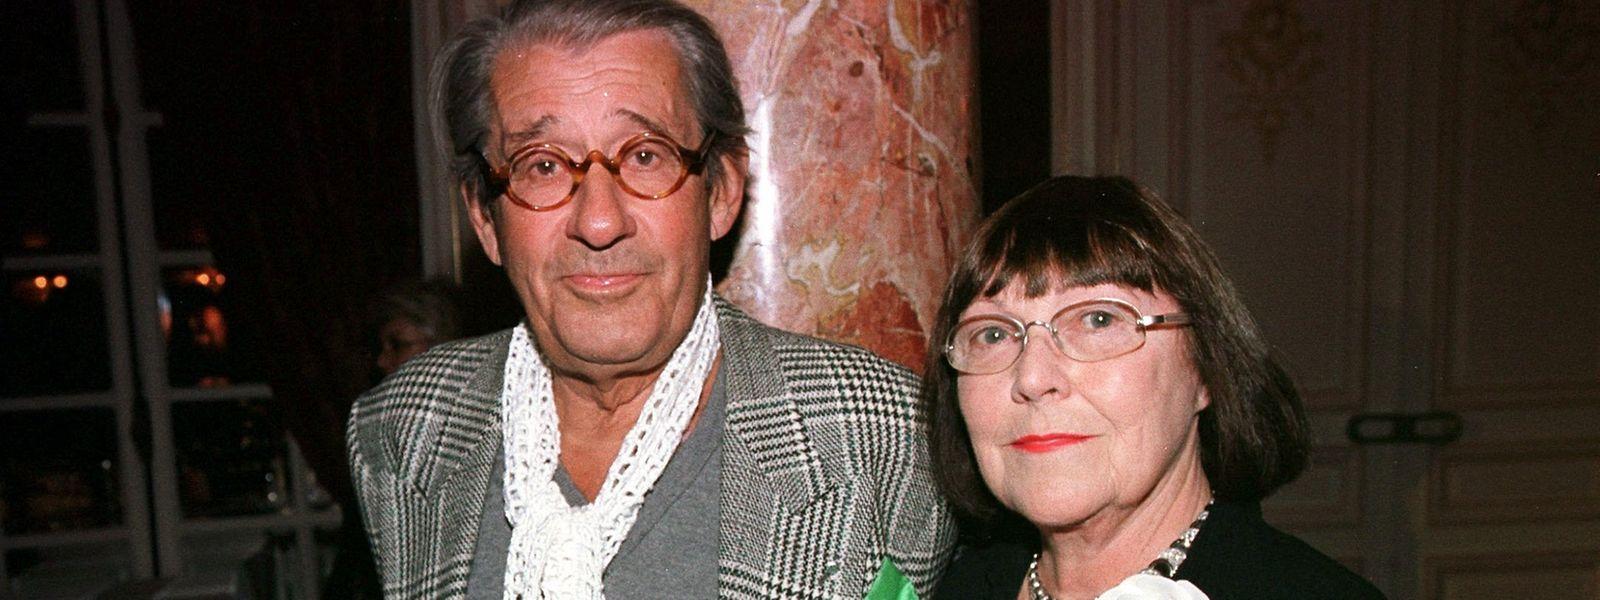 Helmut und June Newton waren fast 60 Jahre zusammen.